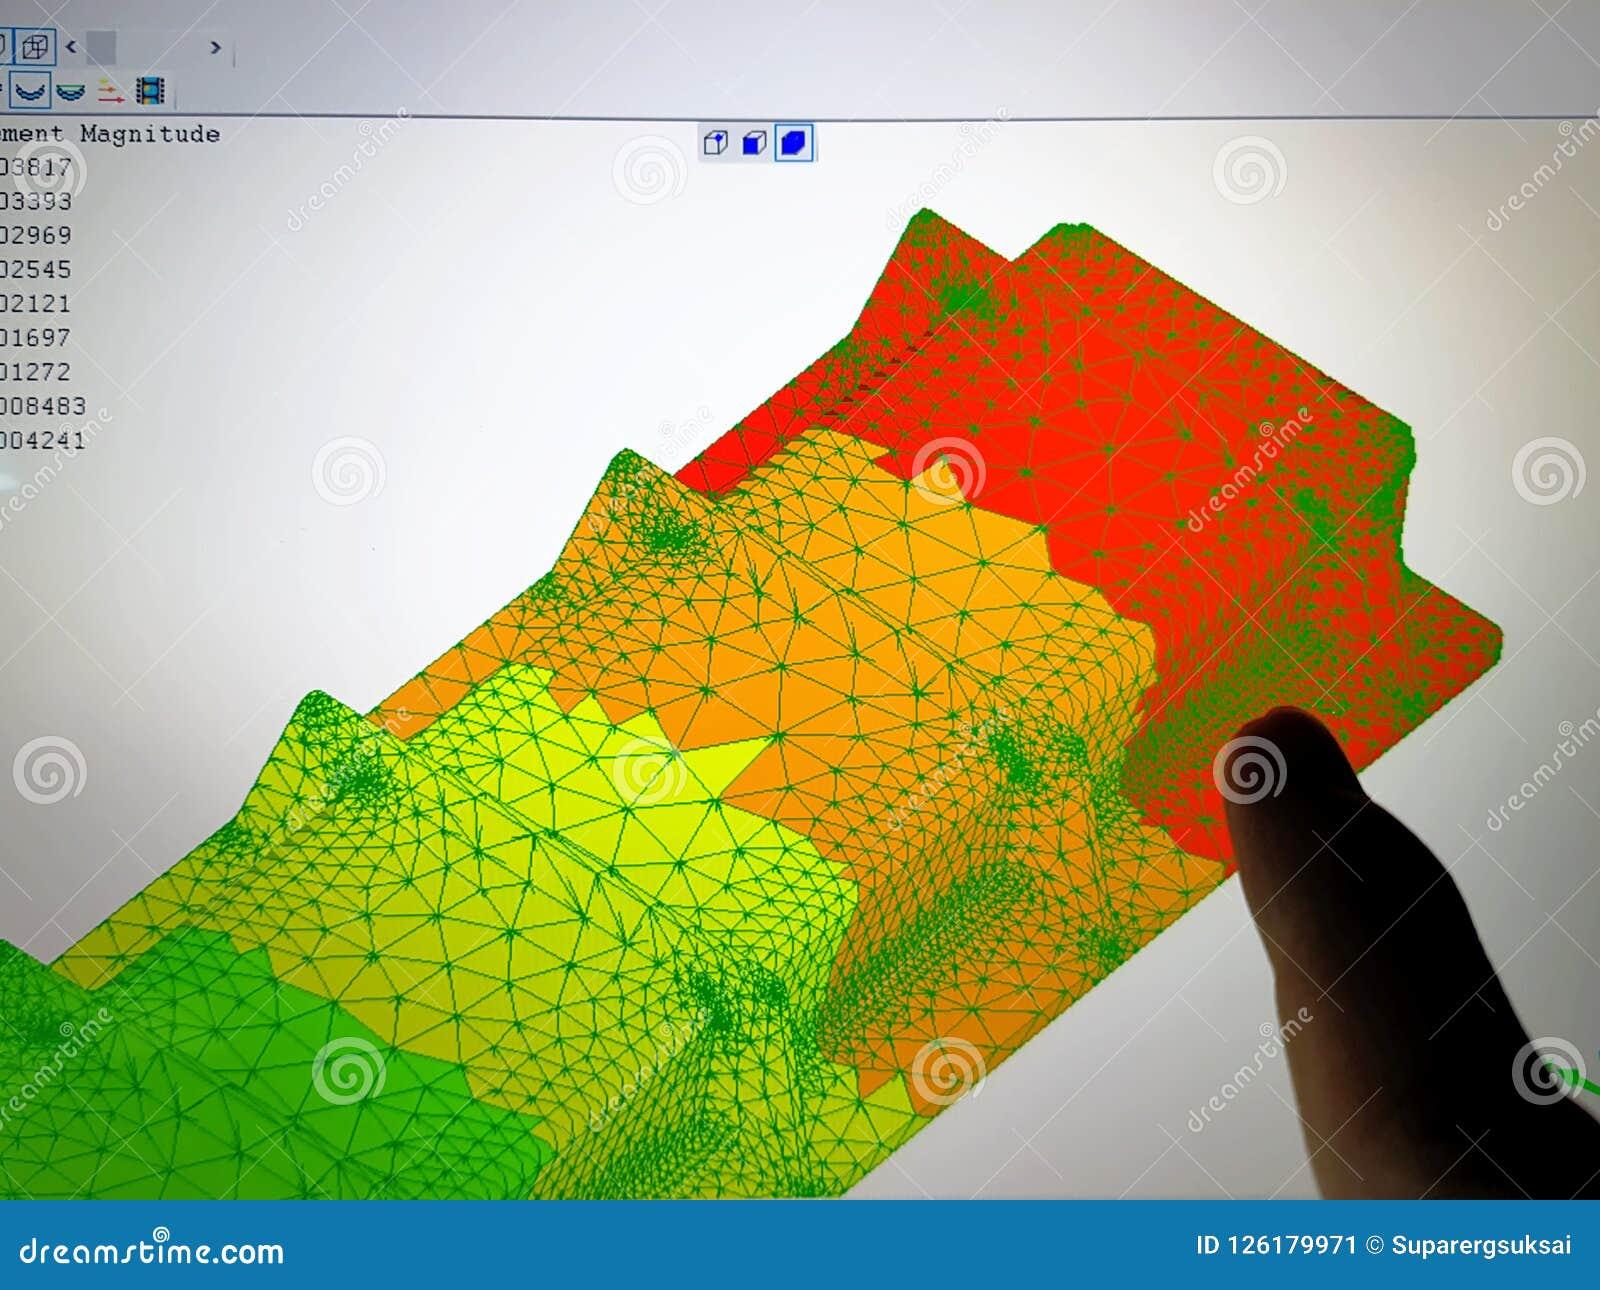 Bildschirm mit Finit-Element-Methoden-Ergebnis